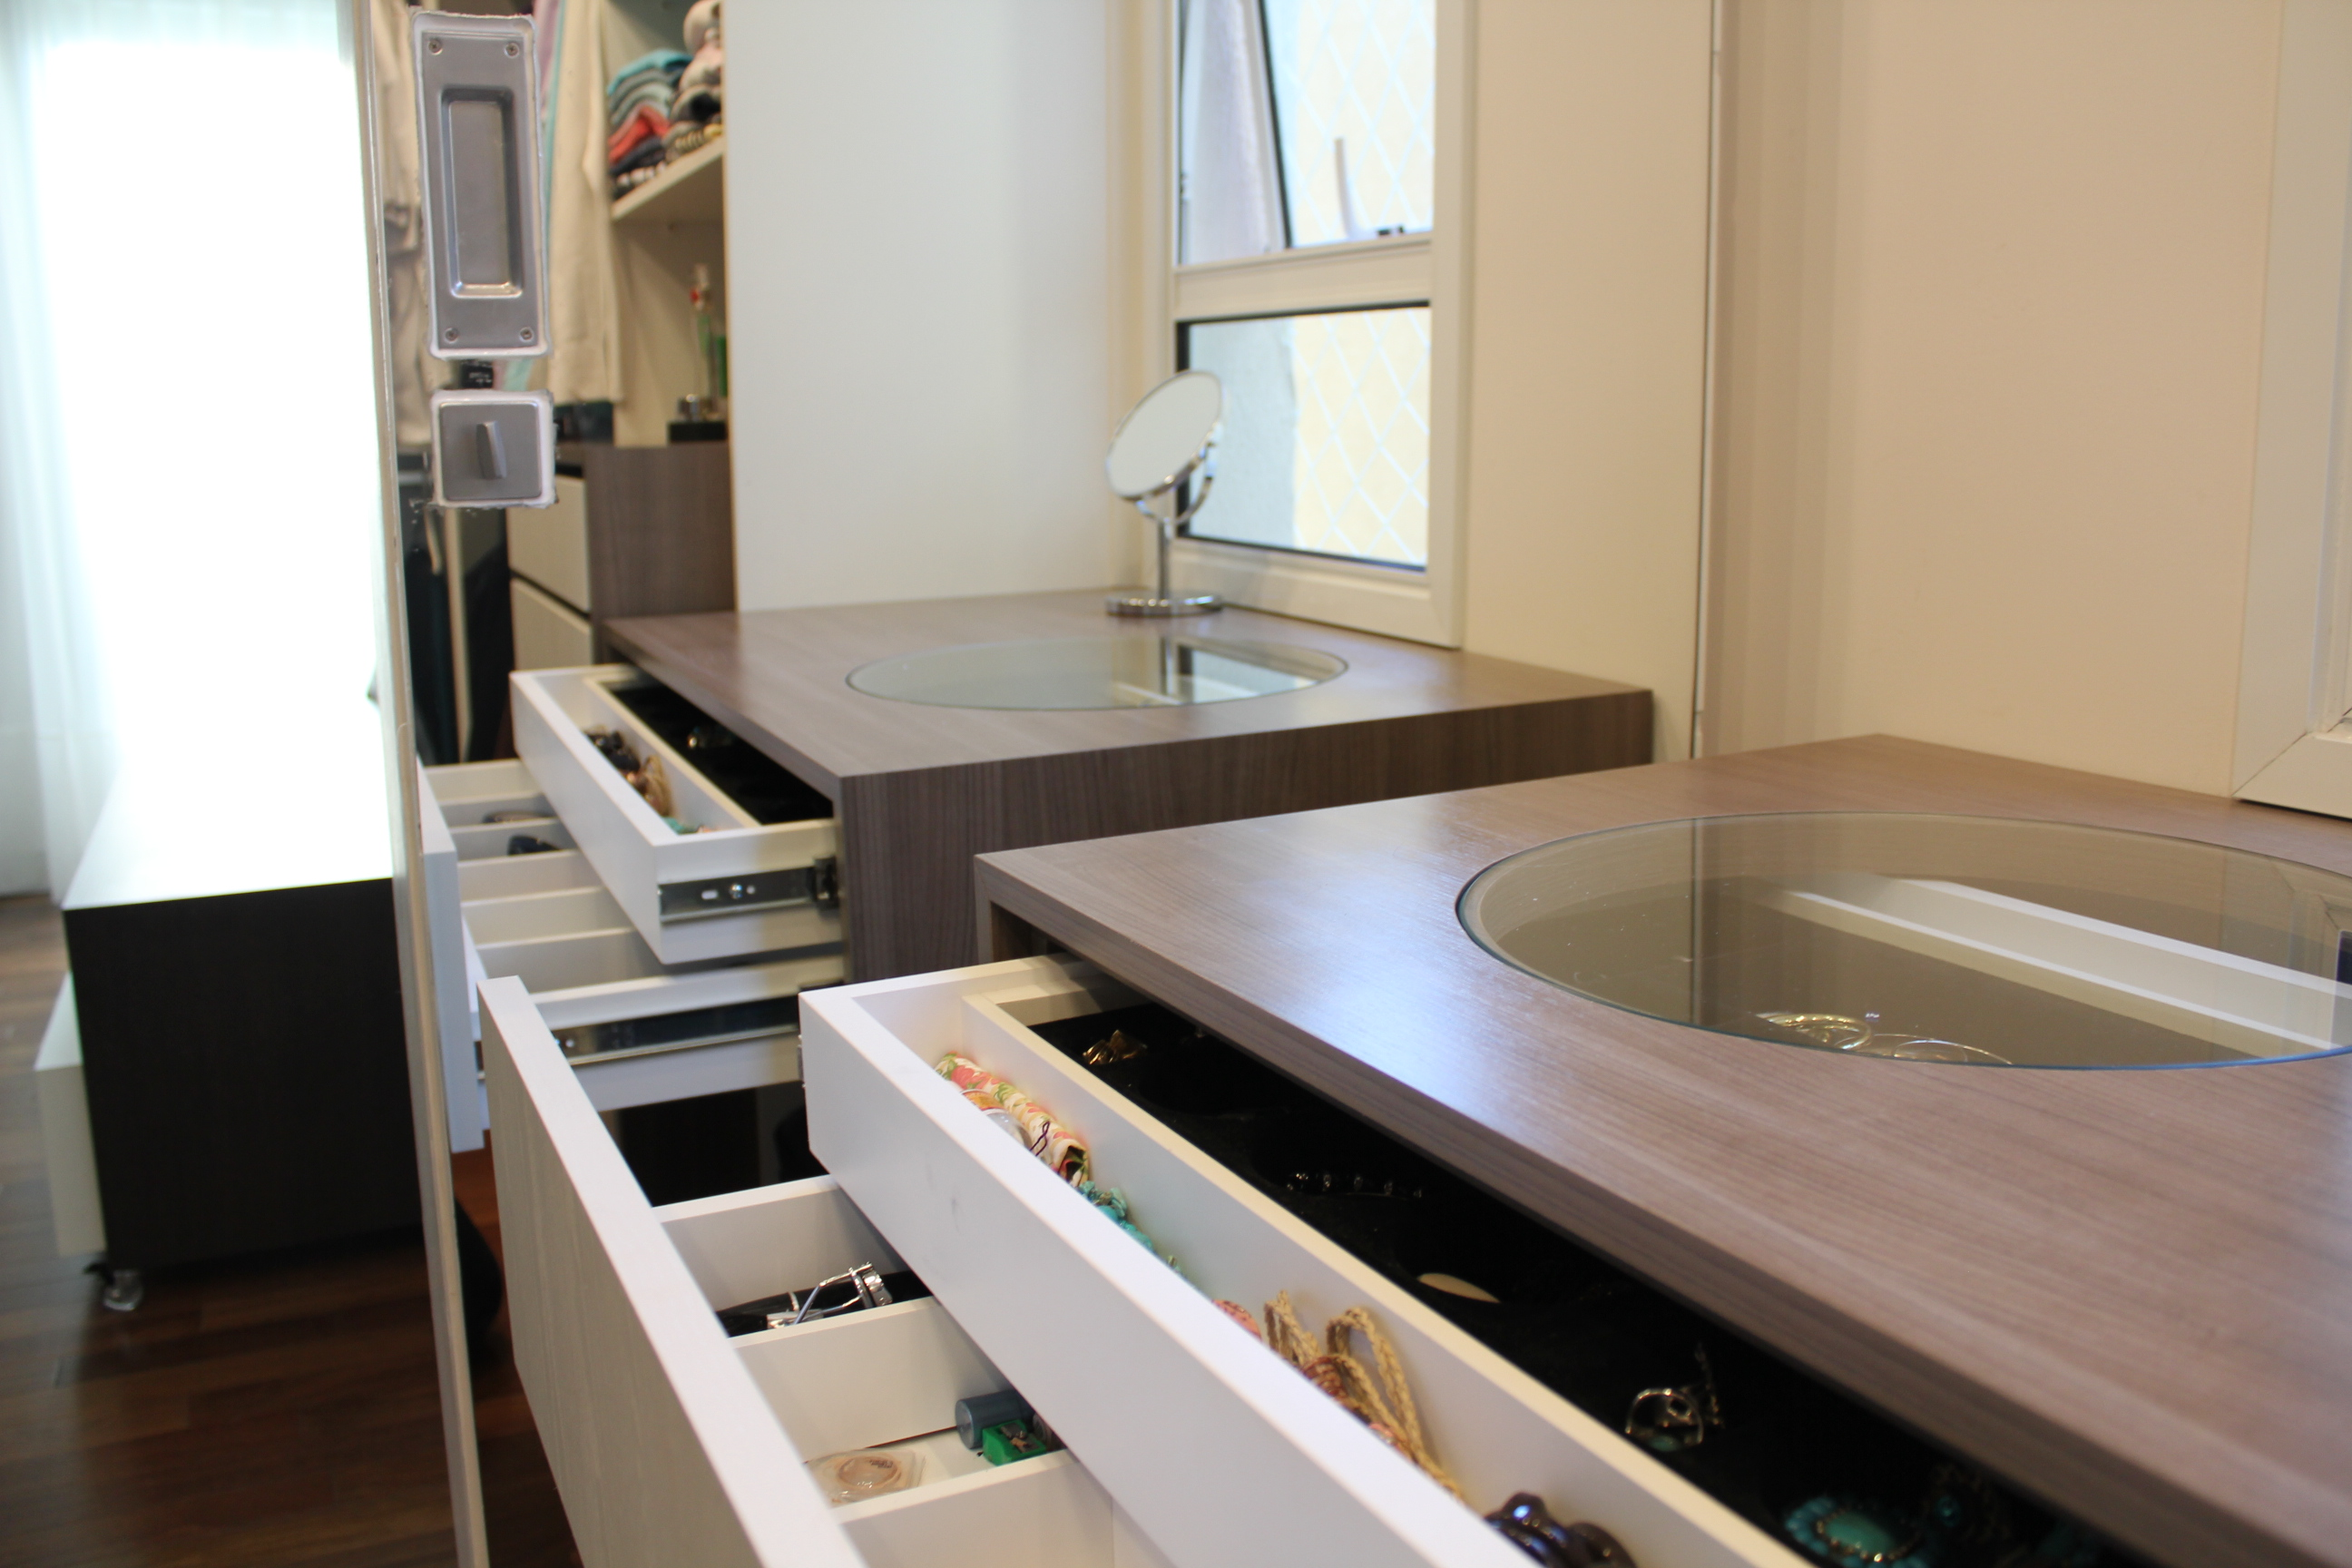 Closet Penteadeira e porta jóias Moveis Sob Medida Curitiba  #836A48 2592 1728